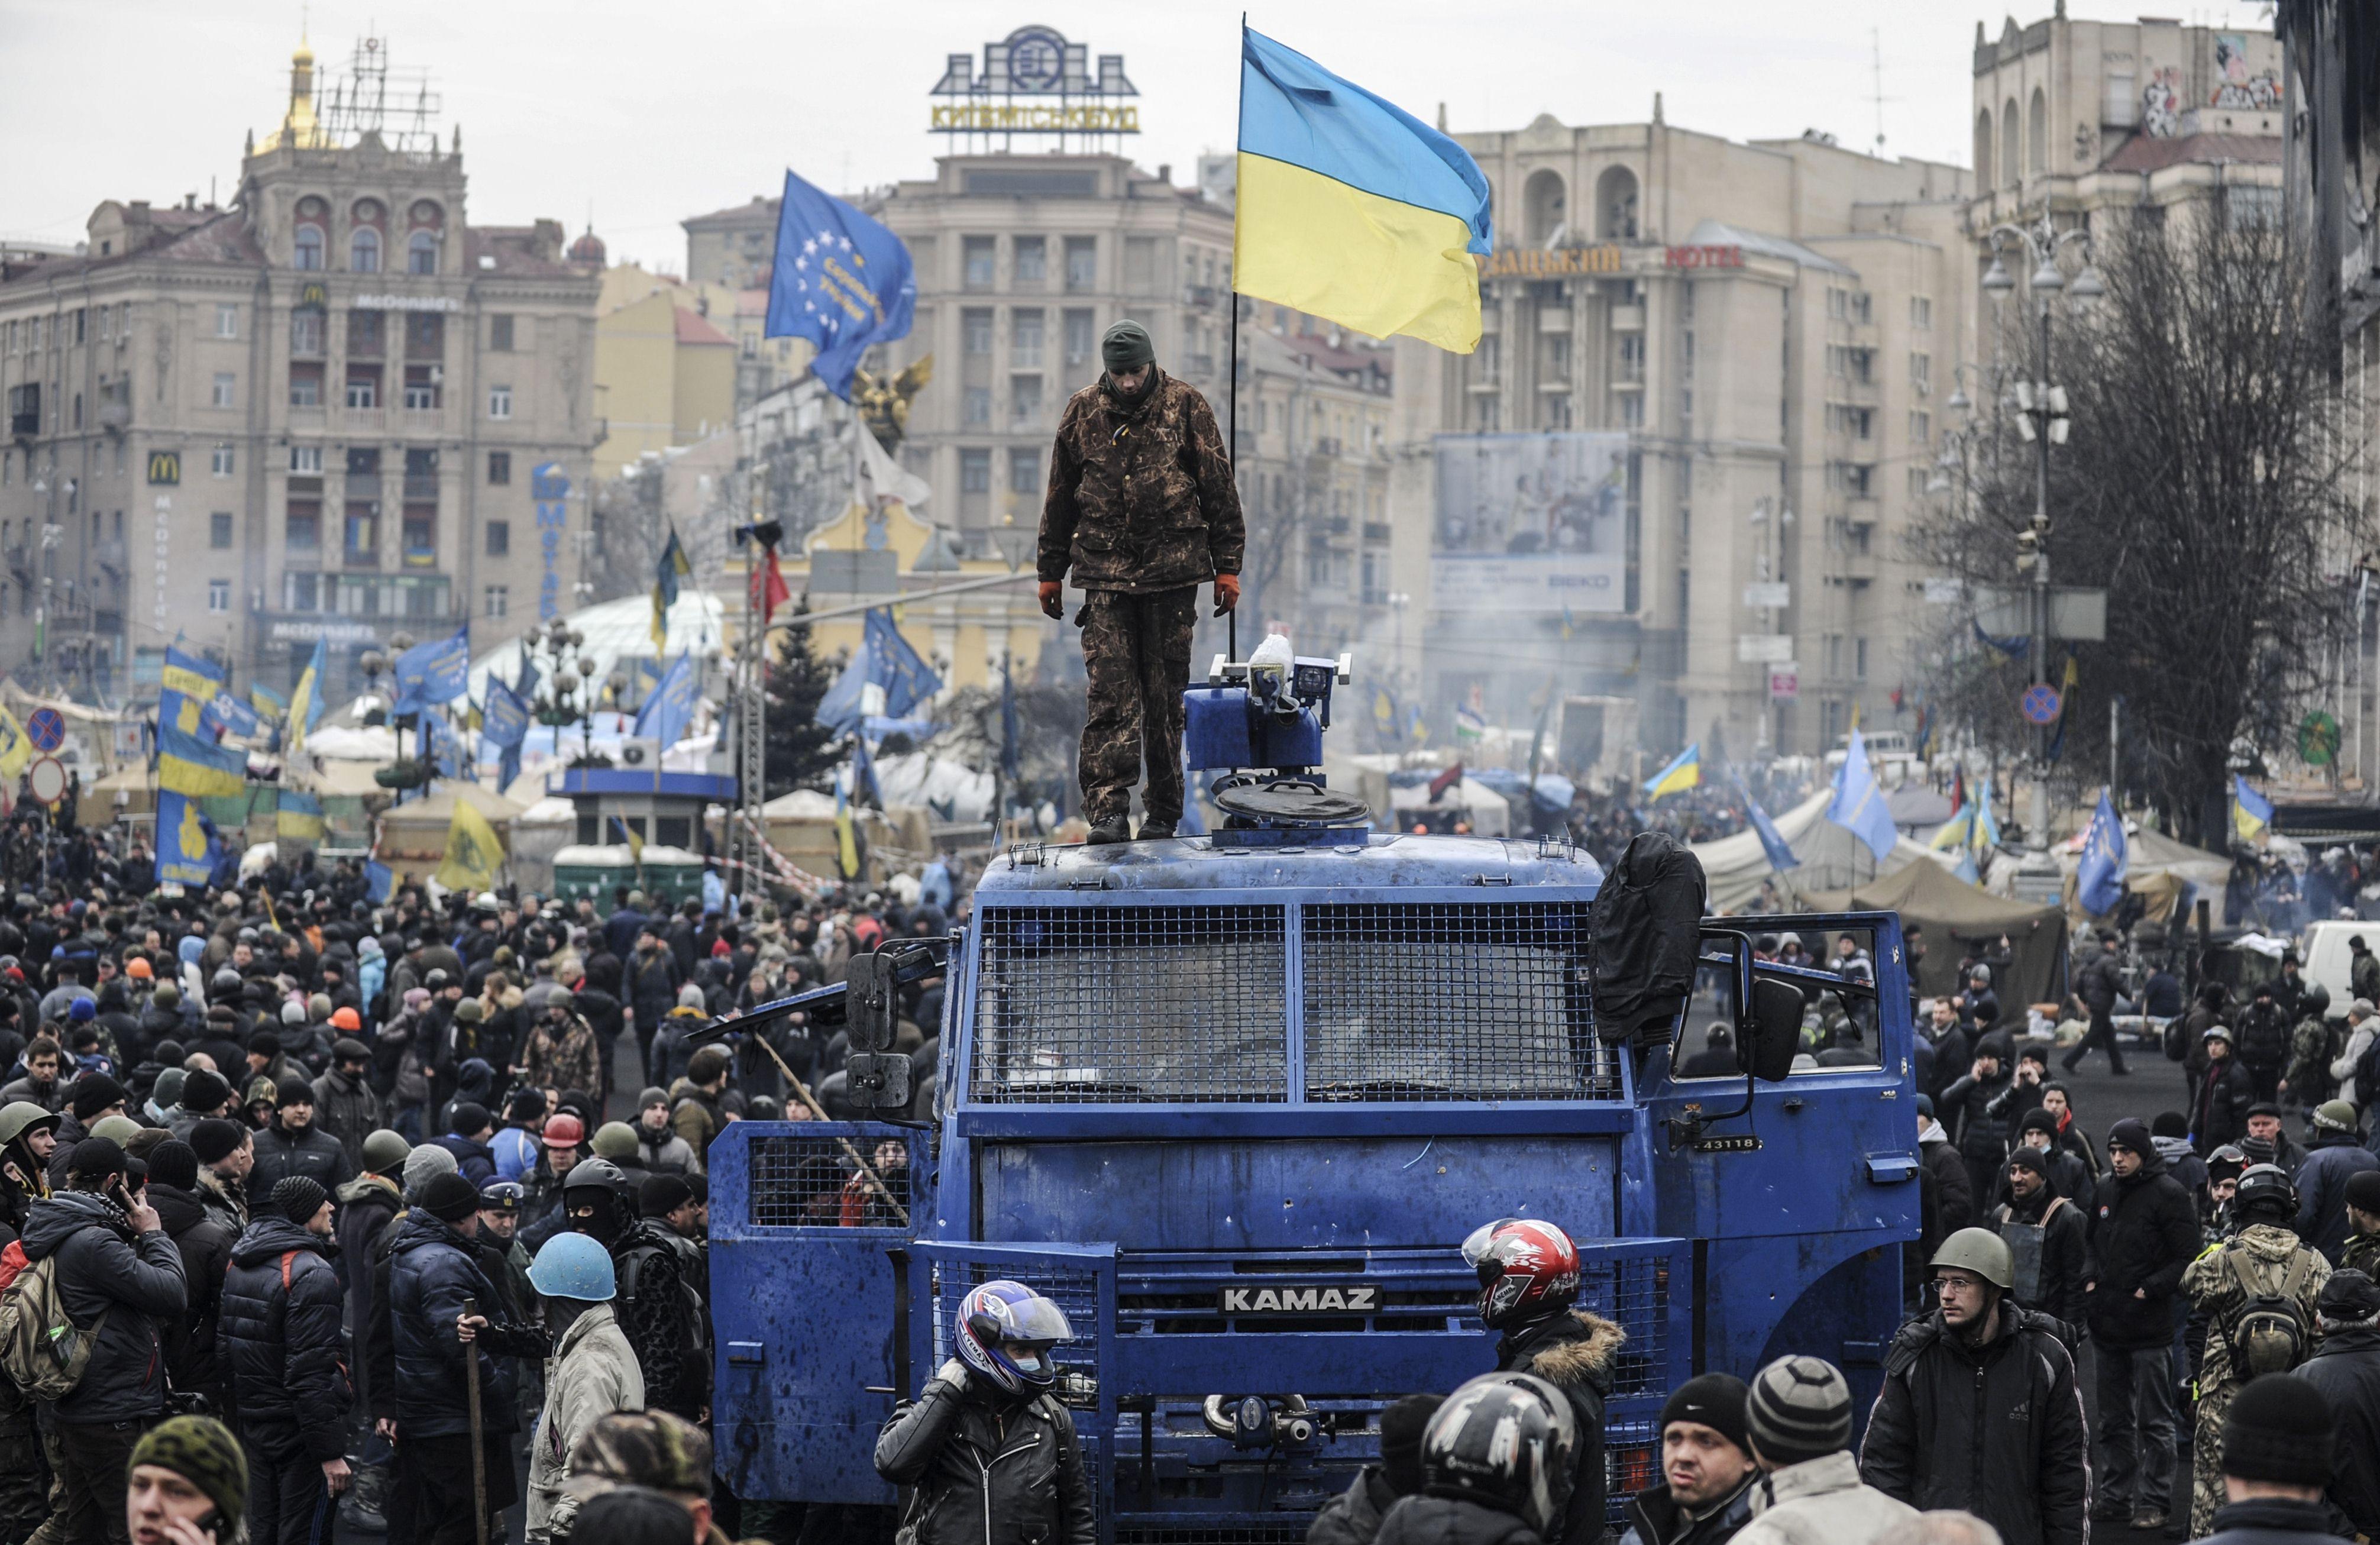 Картинки по запросу НАЧАЛОСЬ! После столкновений с полицией активисты начали оборудовать баррикады и сносить шины на Майдан